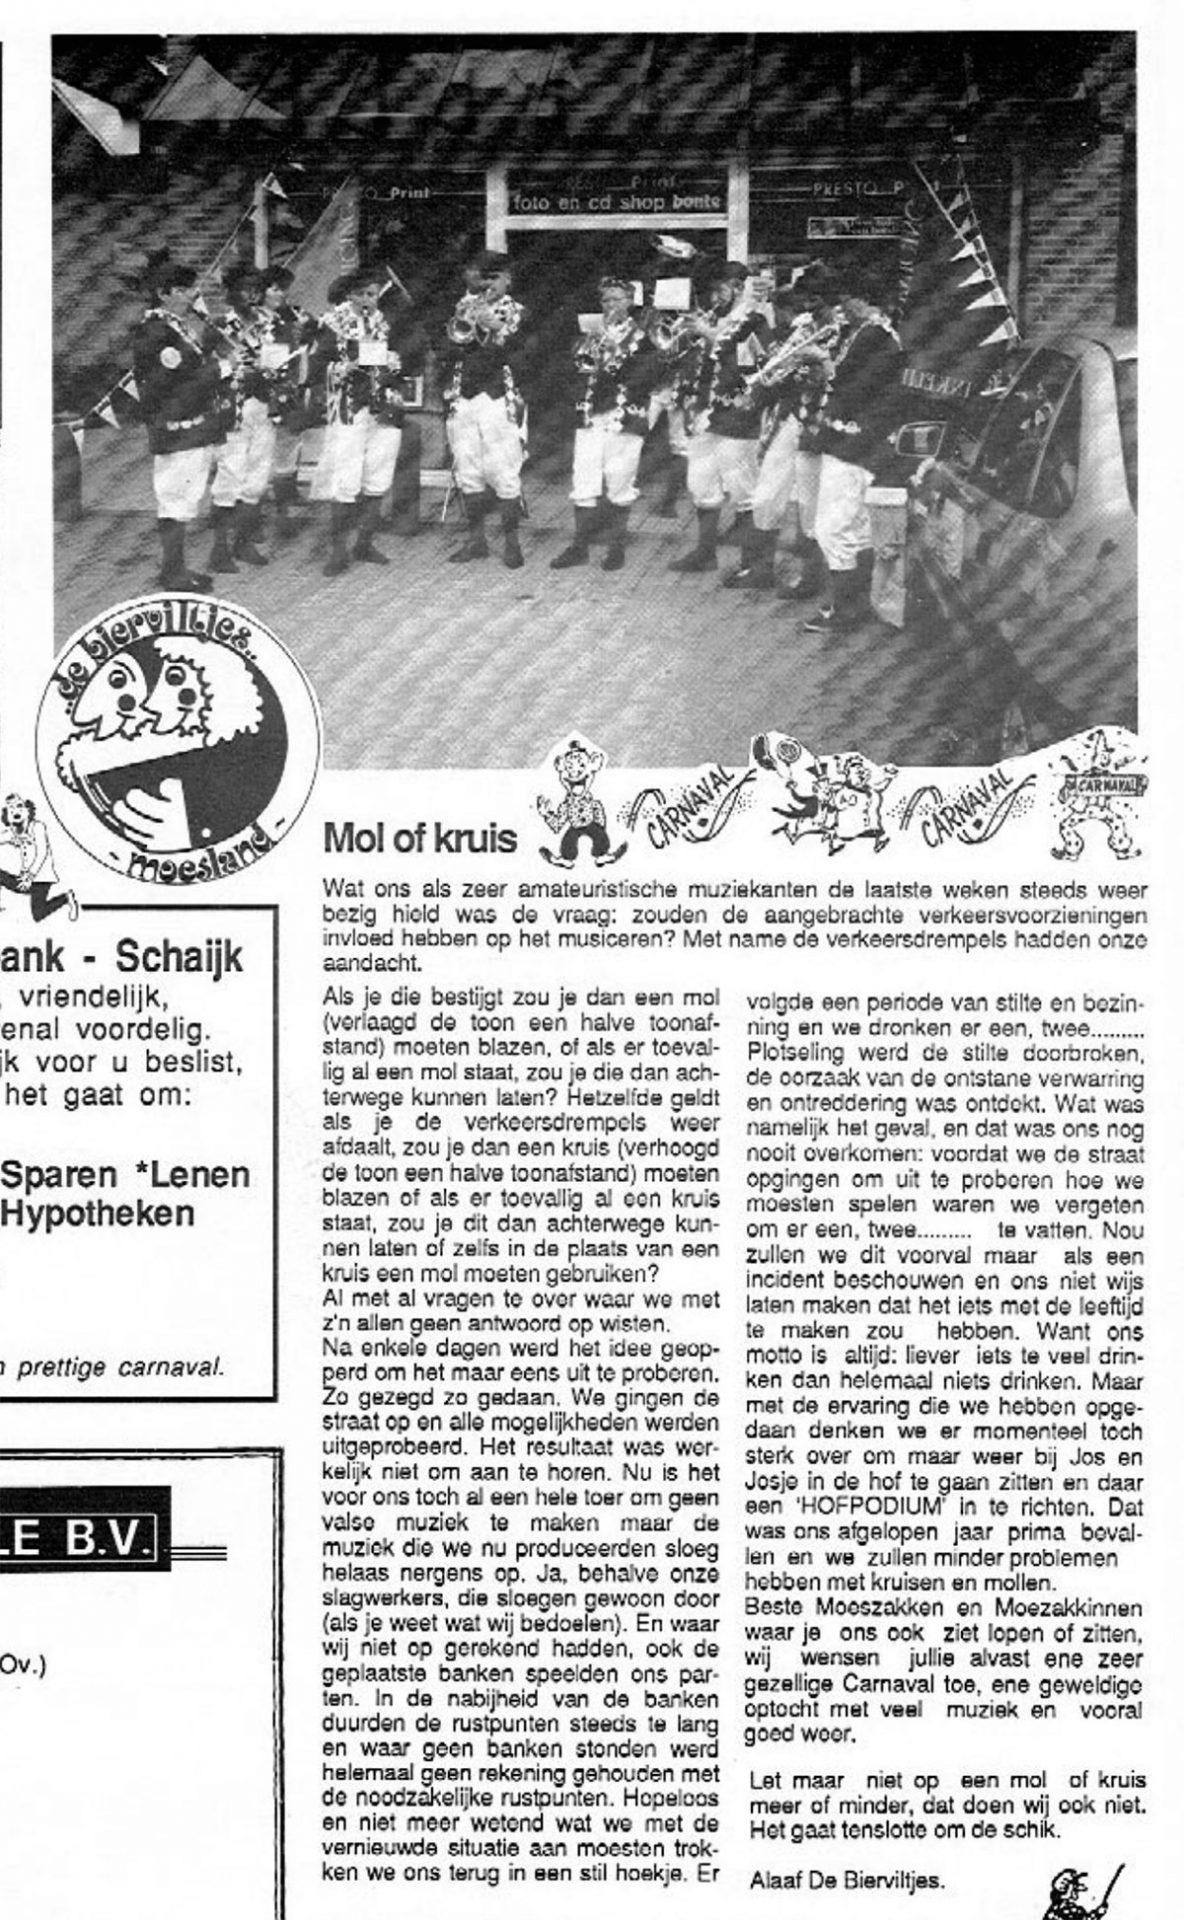 Stuk uit de carnavalskrant van de Bierviltjes - 1994